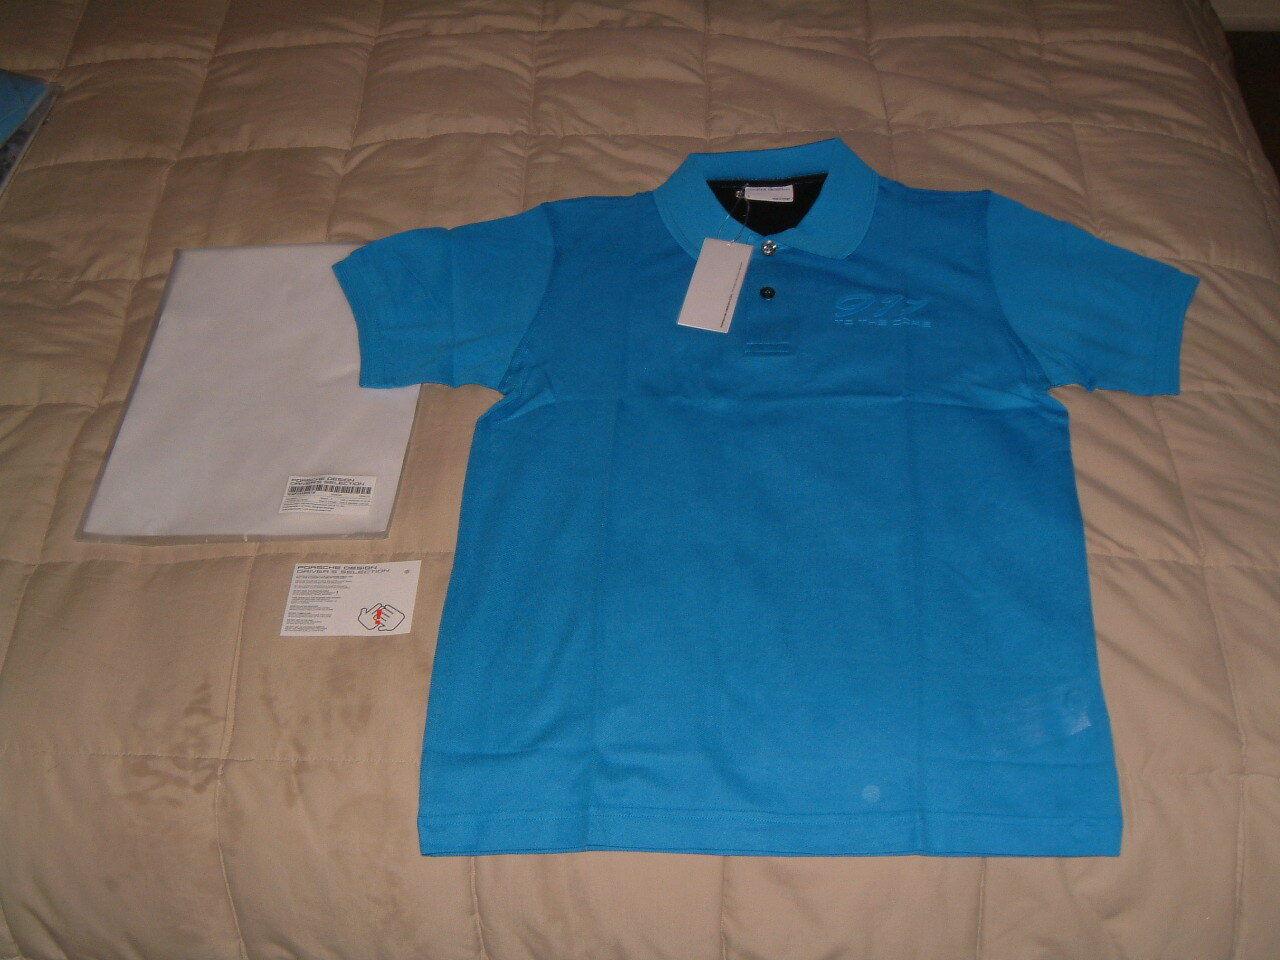 06ec7d38 PORSCHE DRIVER S SELECTION NEW MEN'S 911 TO THE CORE POLO EURO USA XS S  DESIGN ntpjof6558-Casual Shirts & Tops